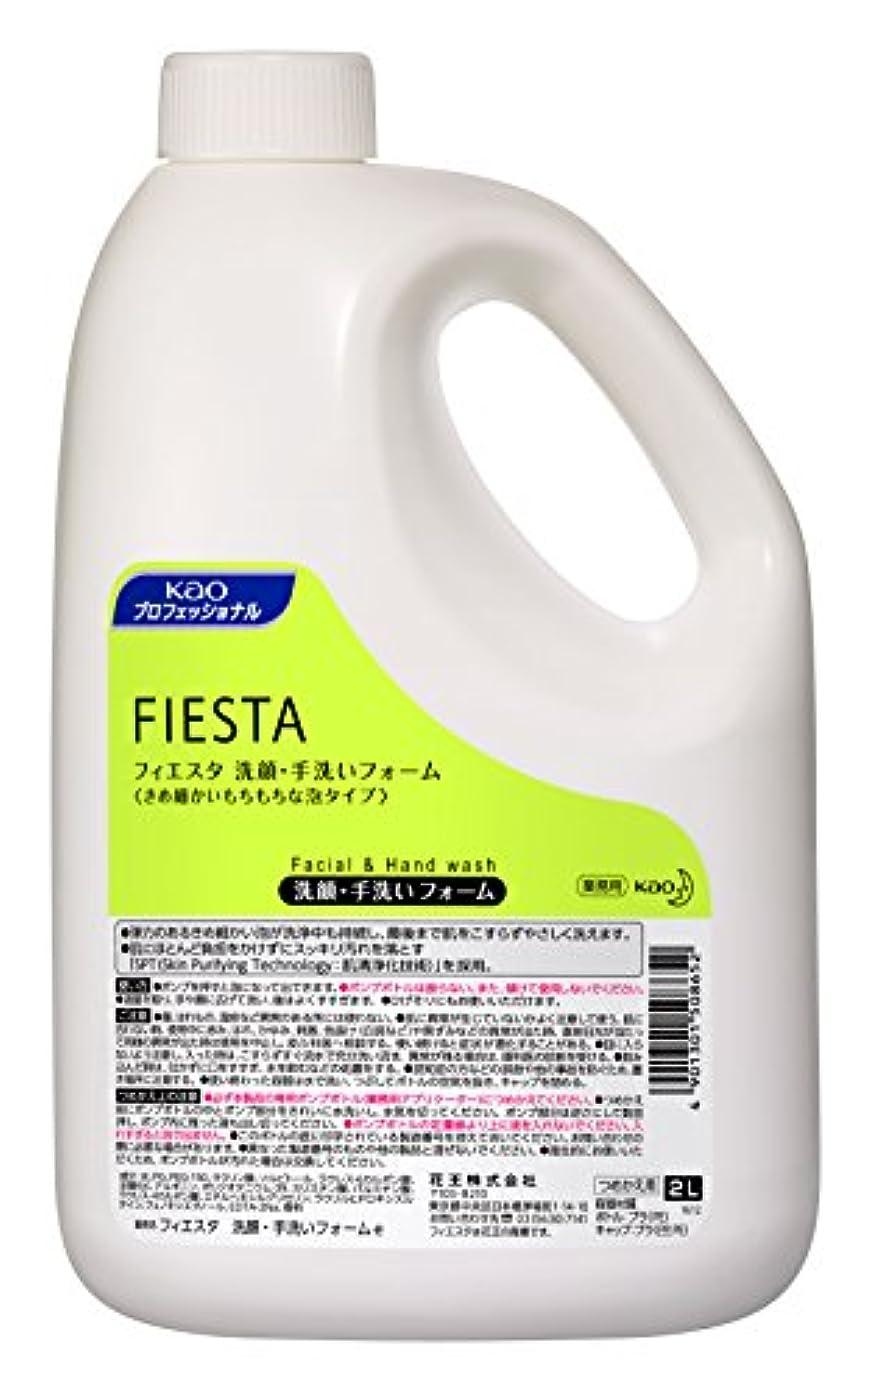 プール腐敗したピアニスト【業務用】フィエスタ 洗顔?手洗いフォーム 2L×3本